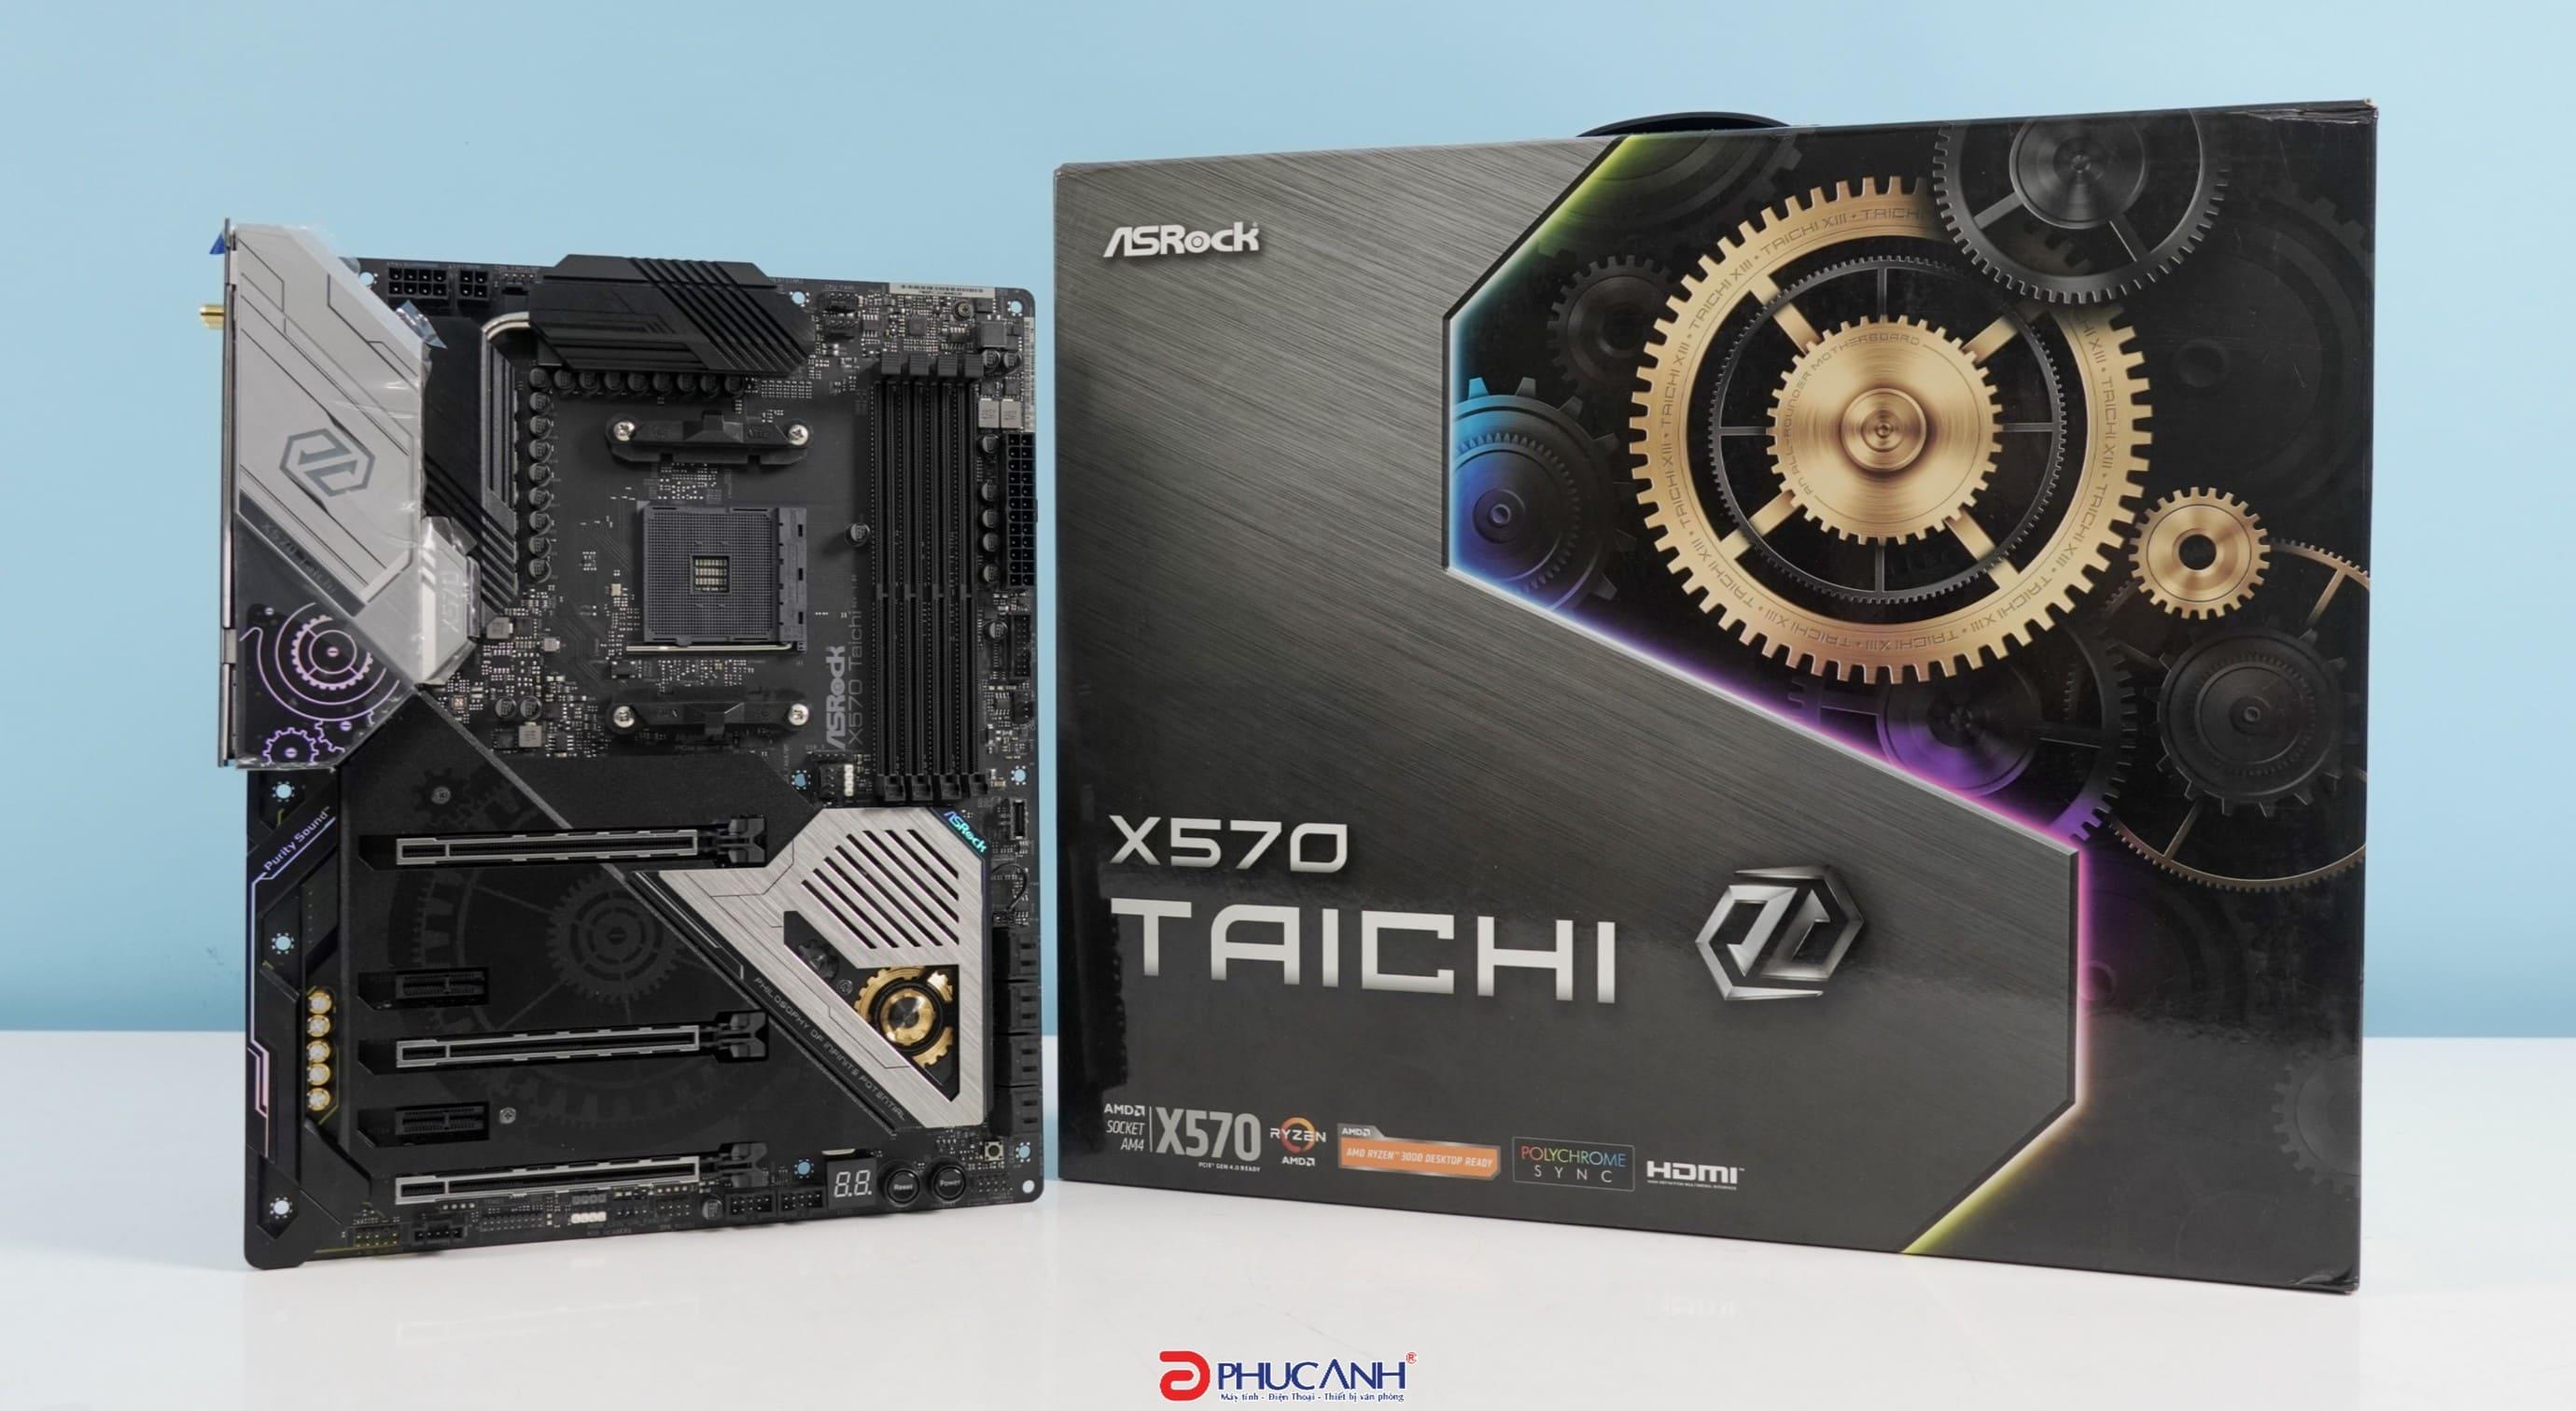 [REVIEW] Asrock X570 Taichi thiết kế cùng diện mạo hoàn toàn mới